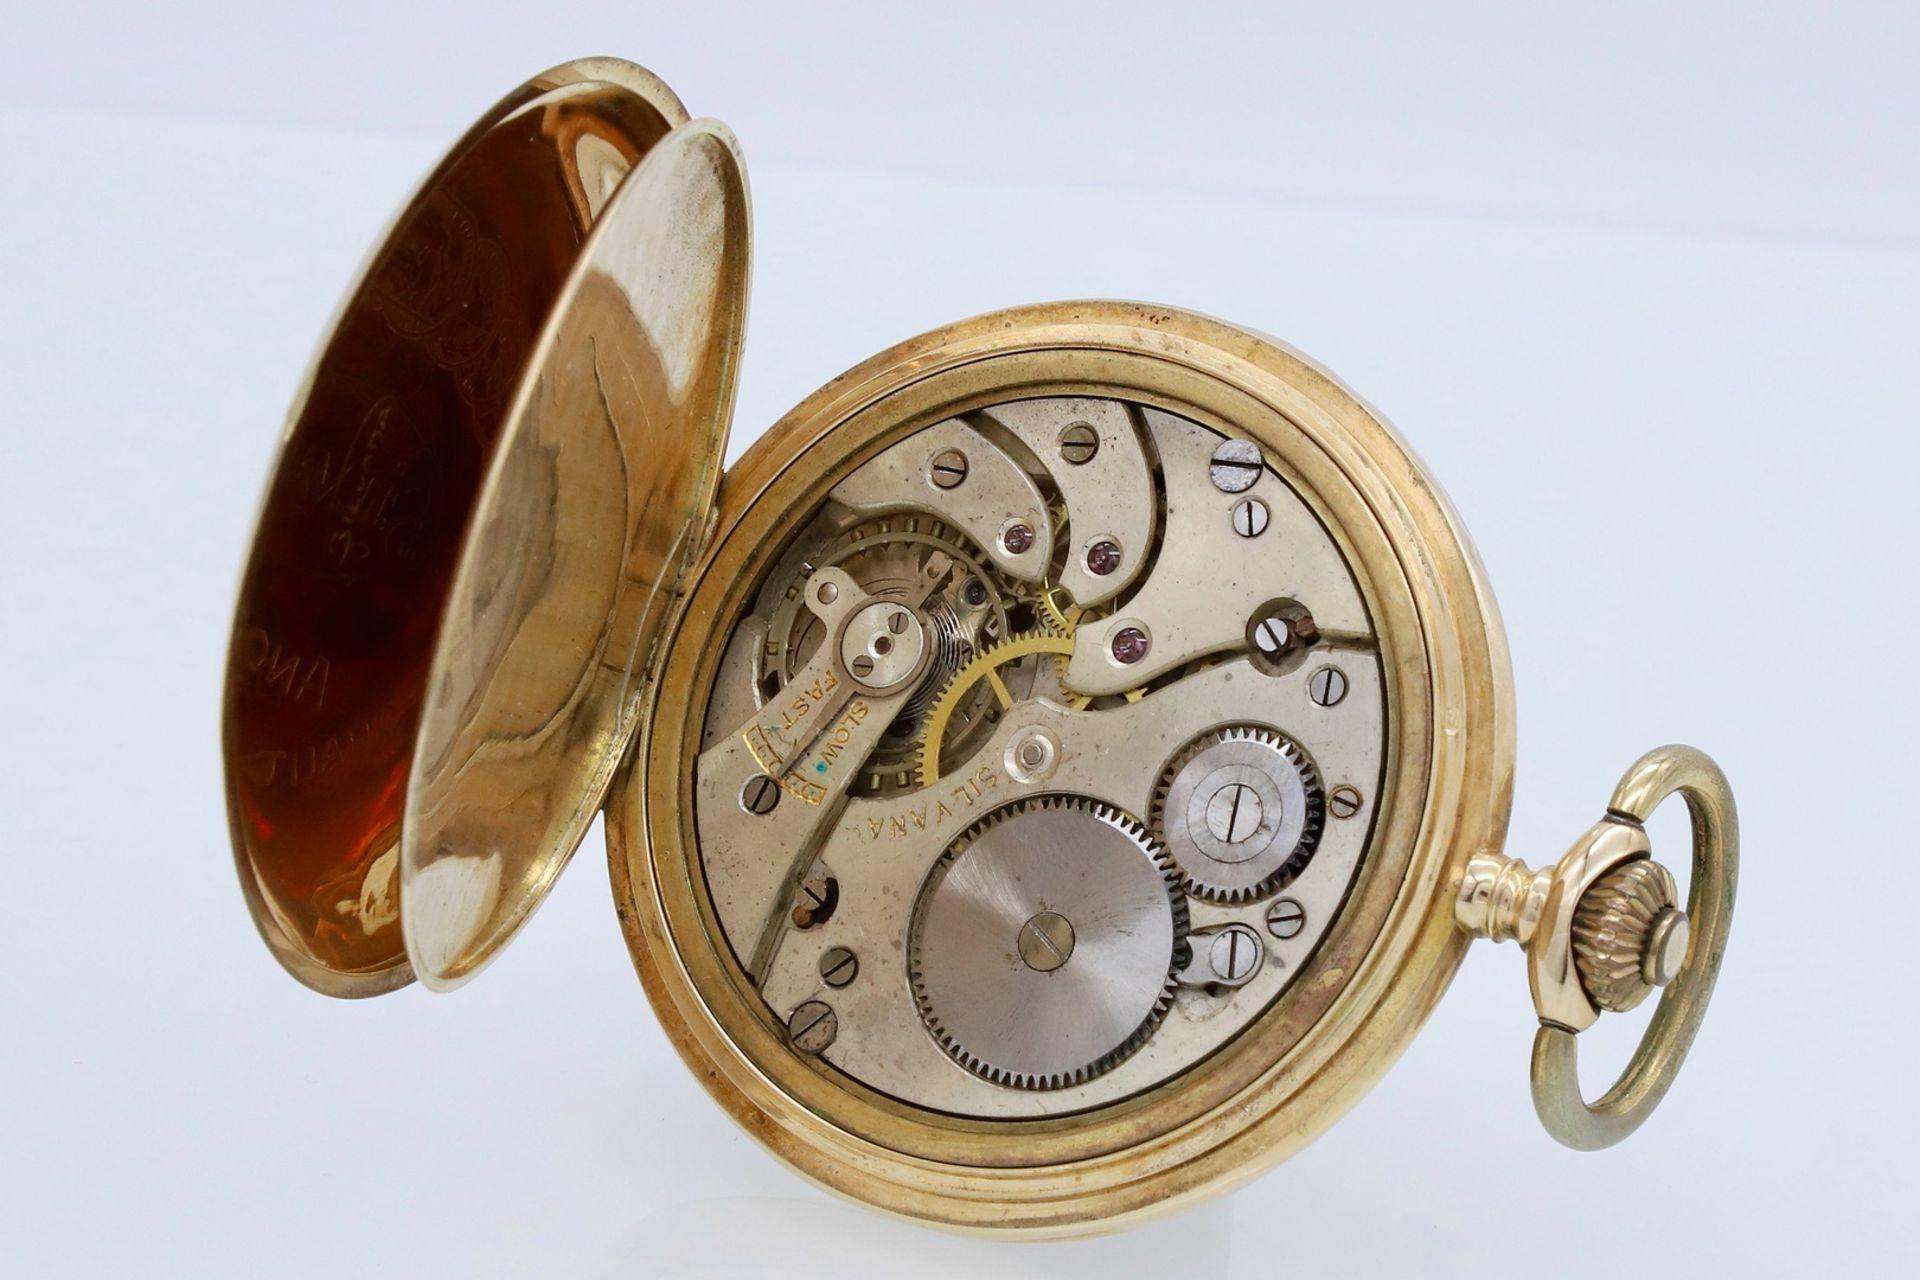 Silvana goldene Savonnette / Taschenuhr, um 1920 - Bild 5 aus 5